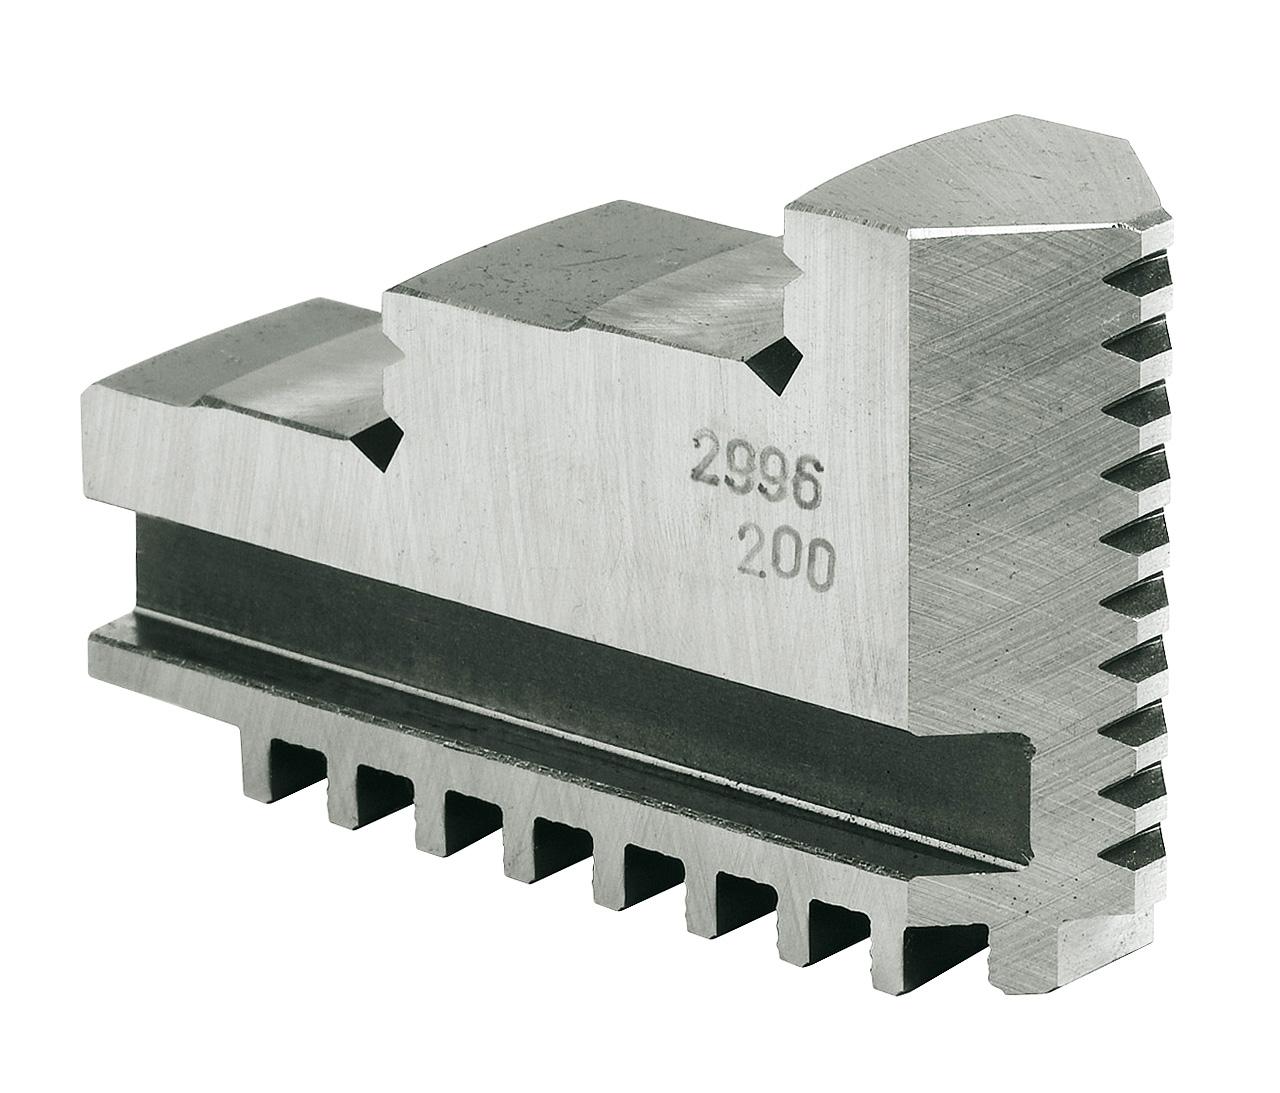 Szczęki jednolite twarde zewnętrzne - komplet OJ-PS4-160 BERNARDO